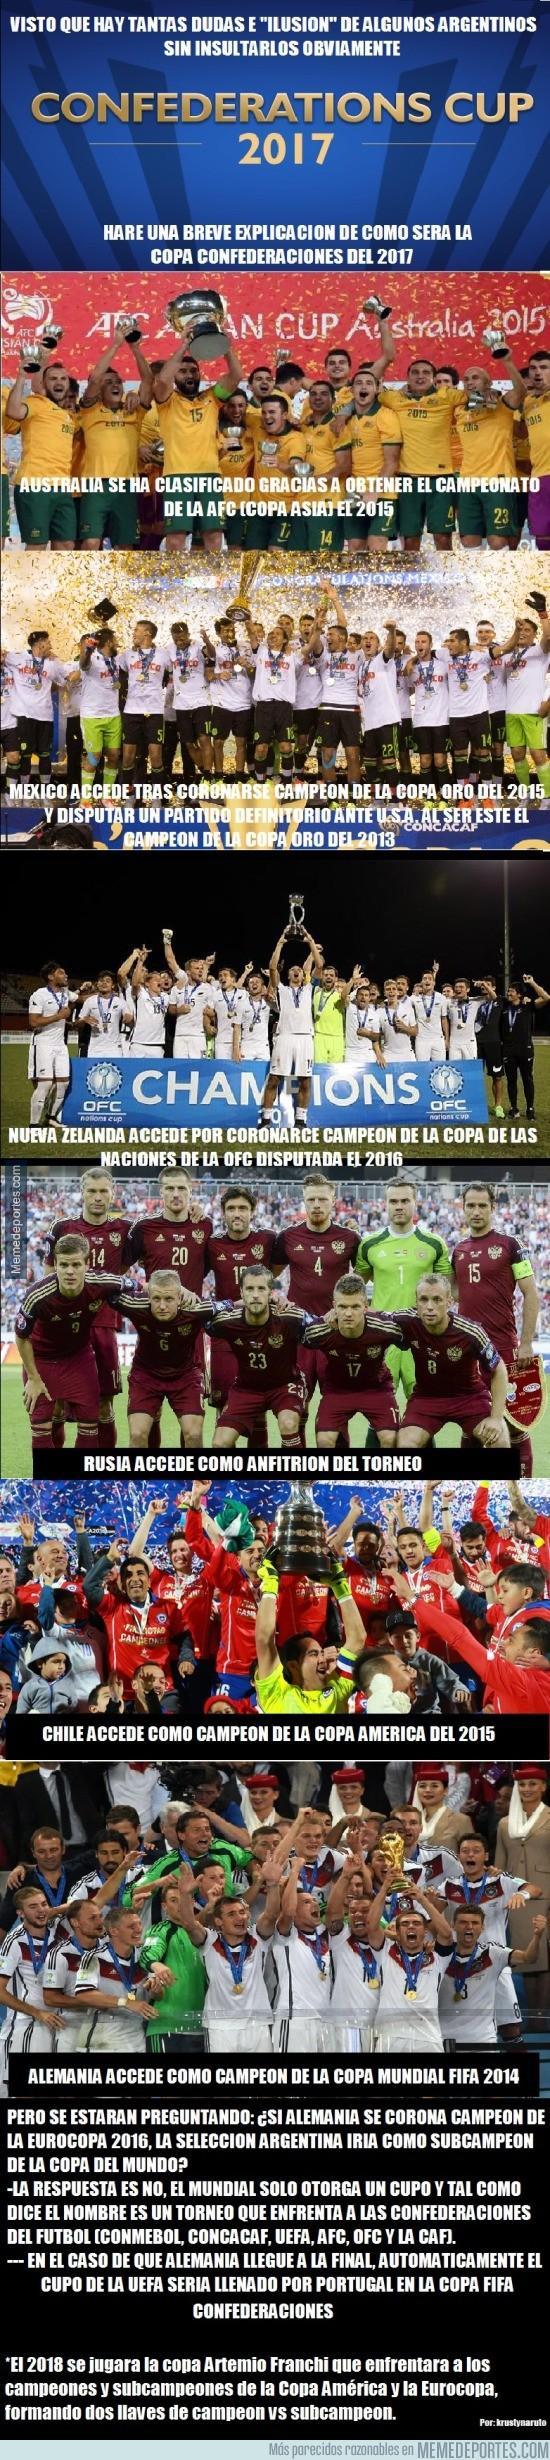 886985 - Así es como será la próxima Copa Confederaciones